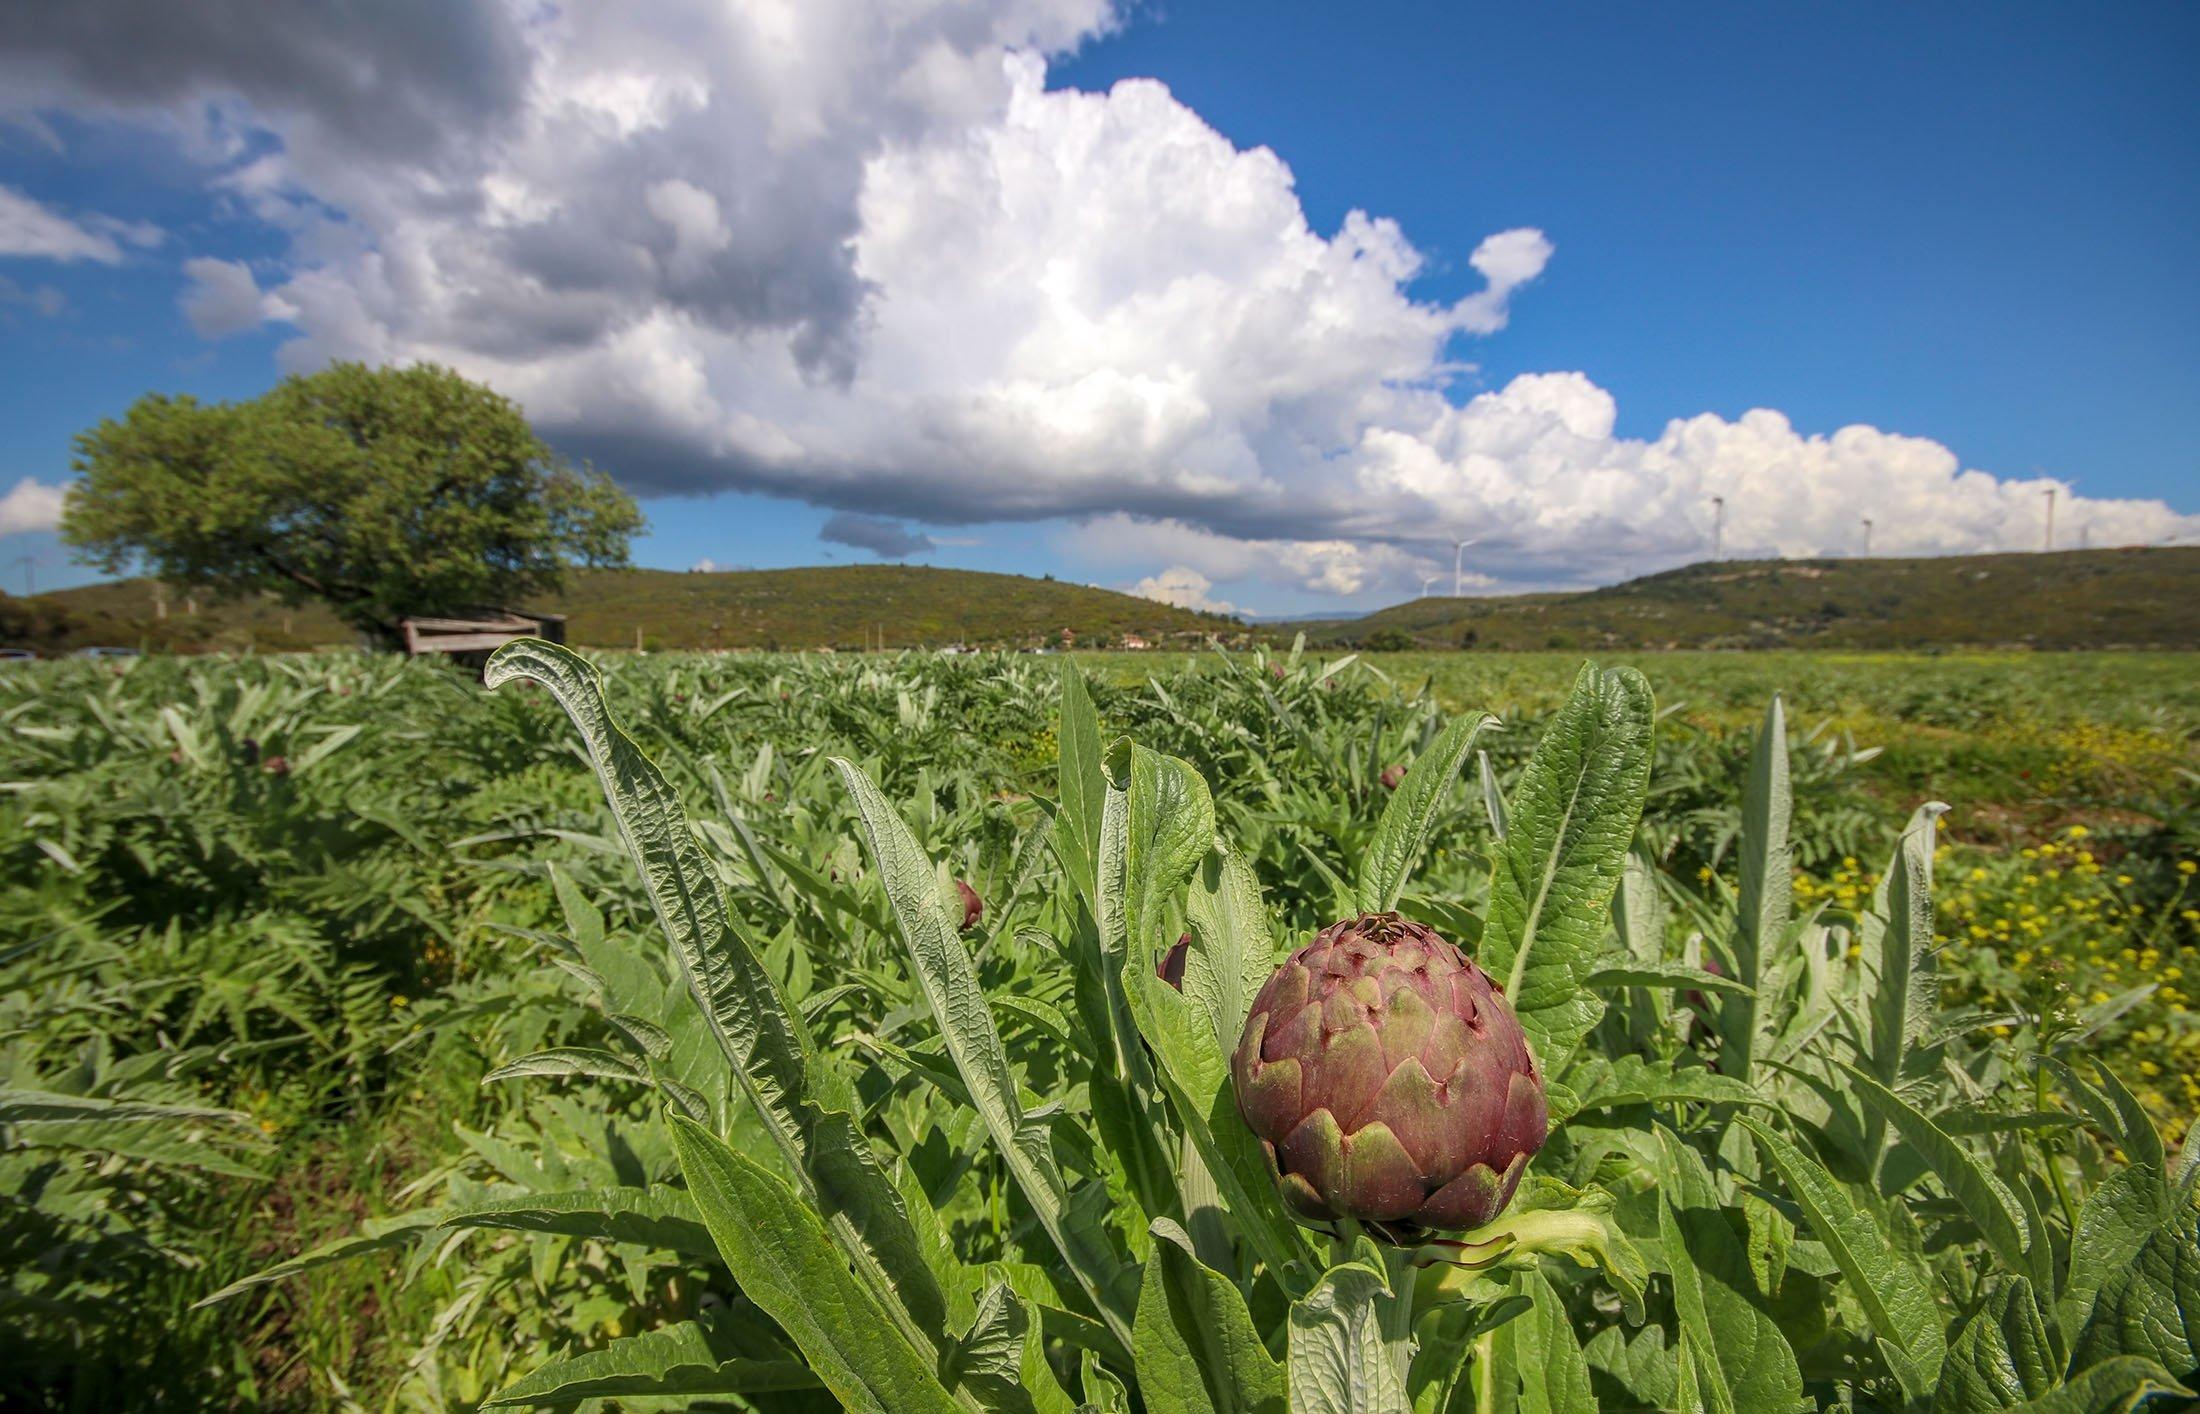 An artichoke field in Izmir, western Turkey. (Shutterstock Photo)